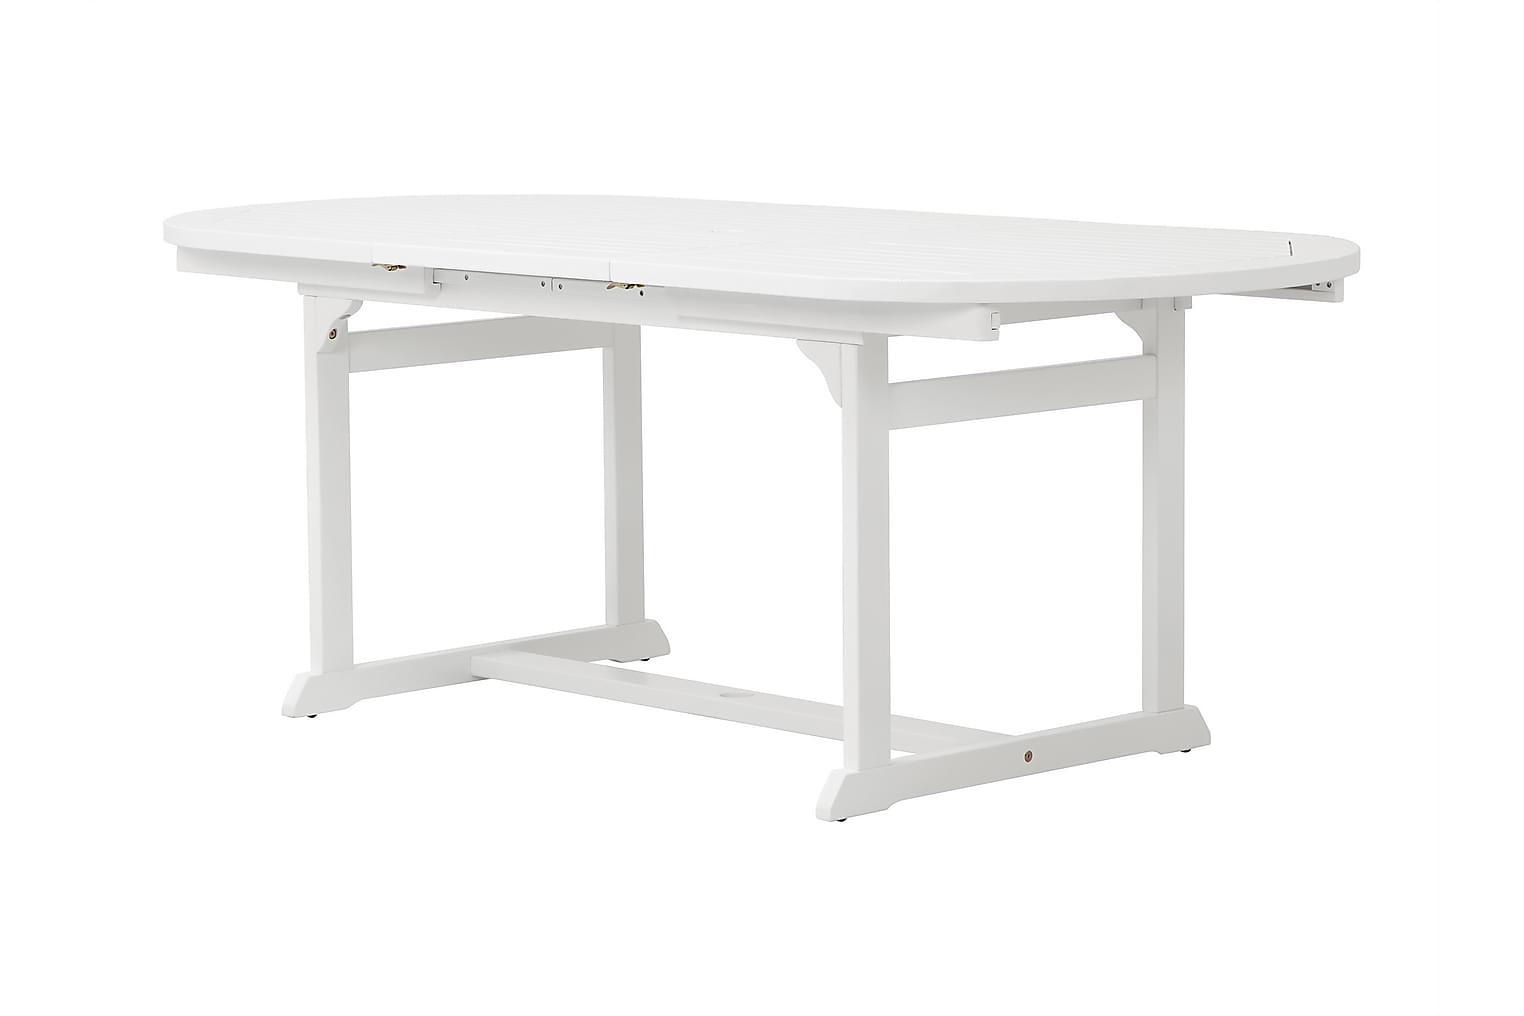 LAMBERT Jatkettava Pöytä 150 Valkoinen